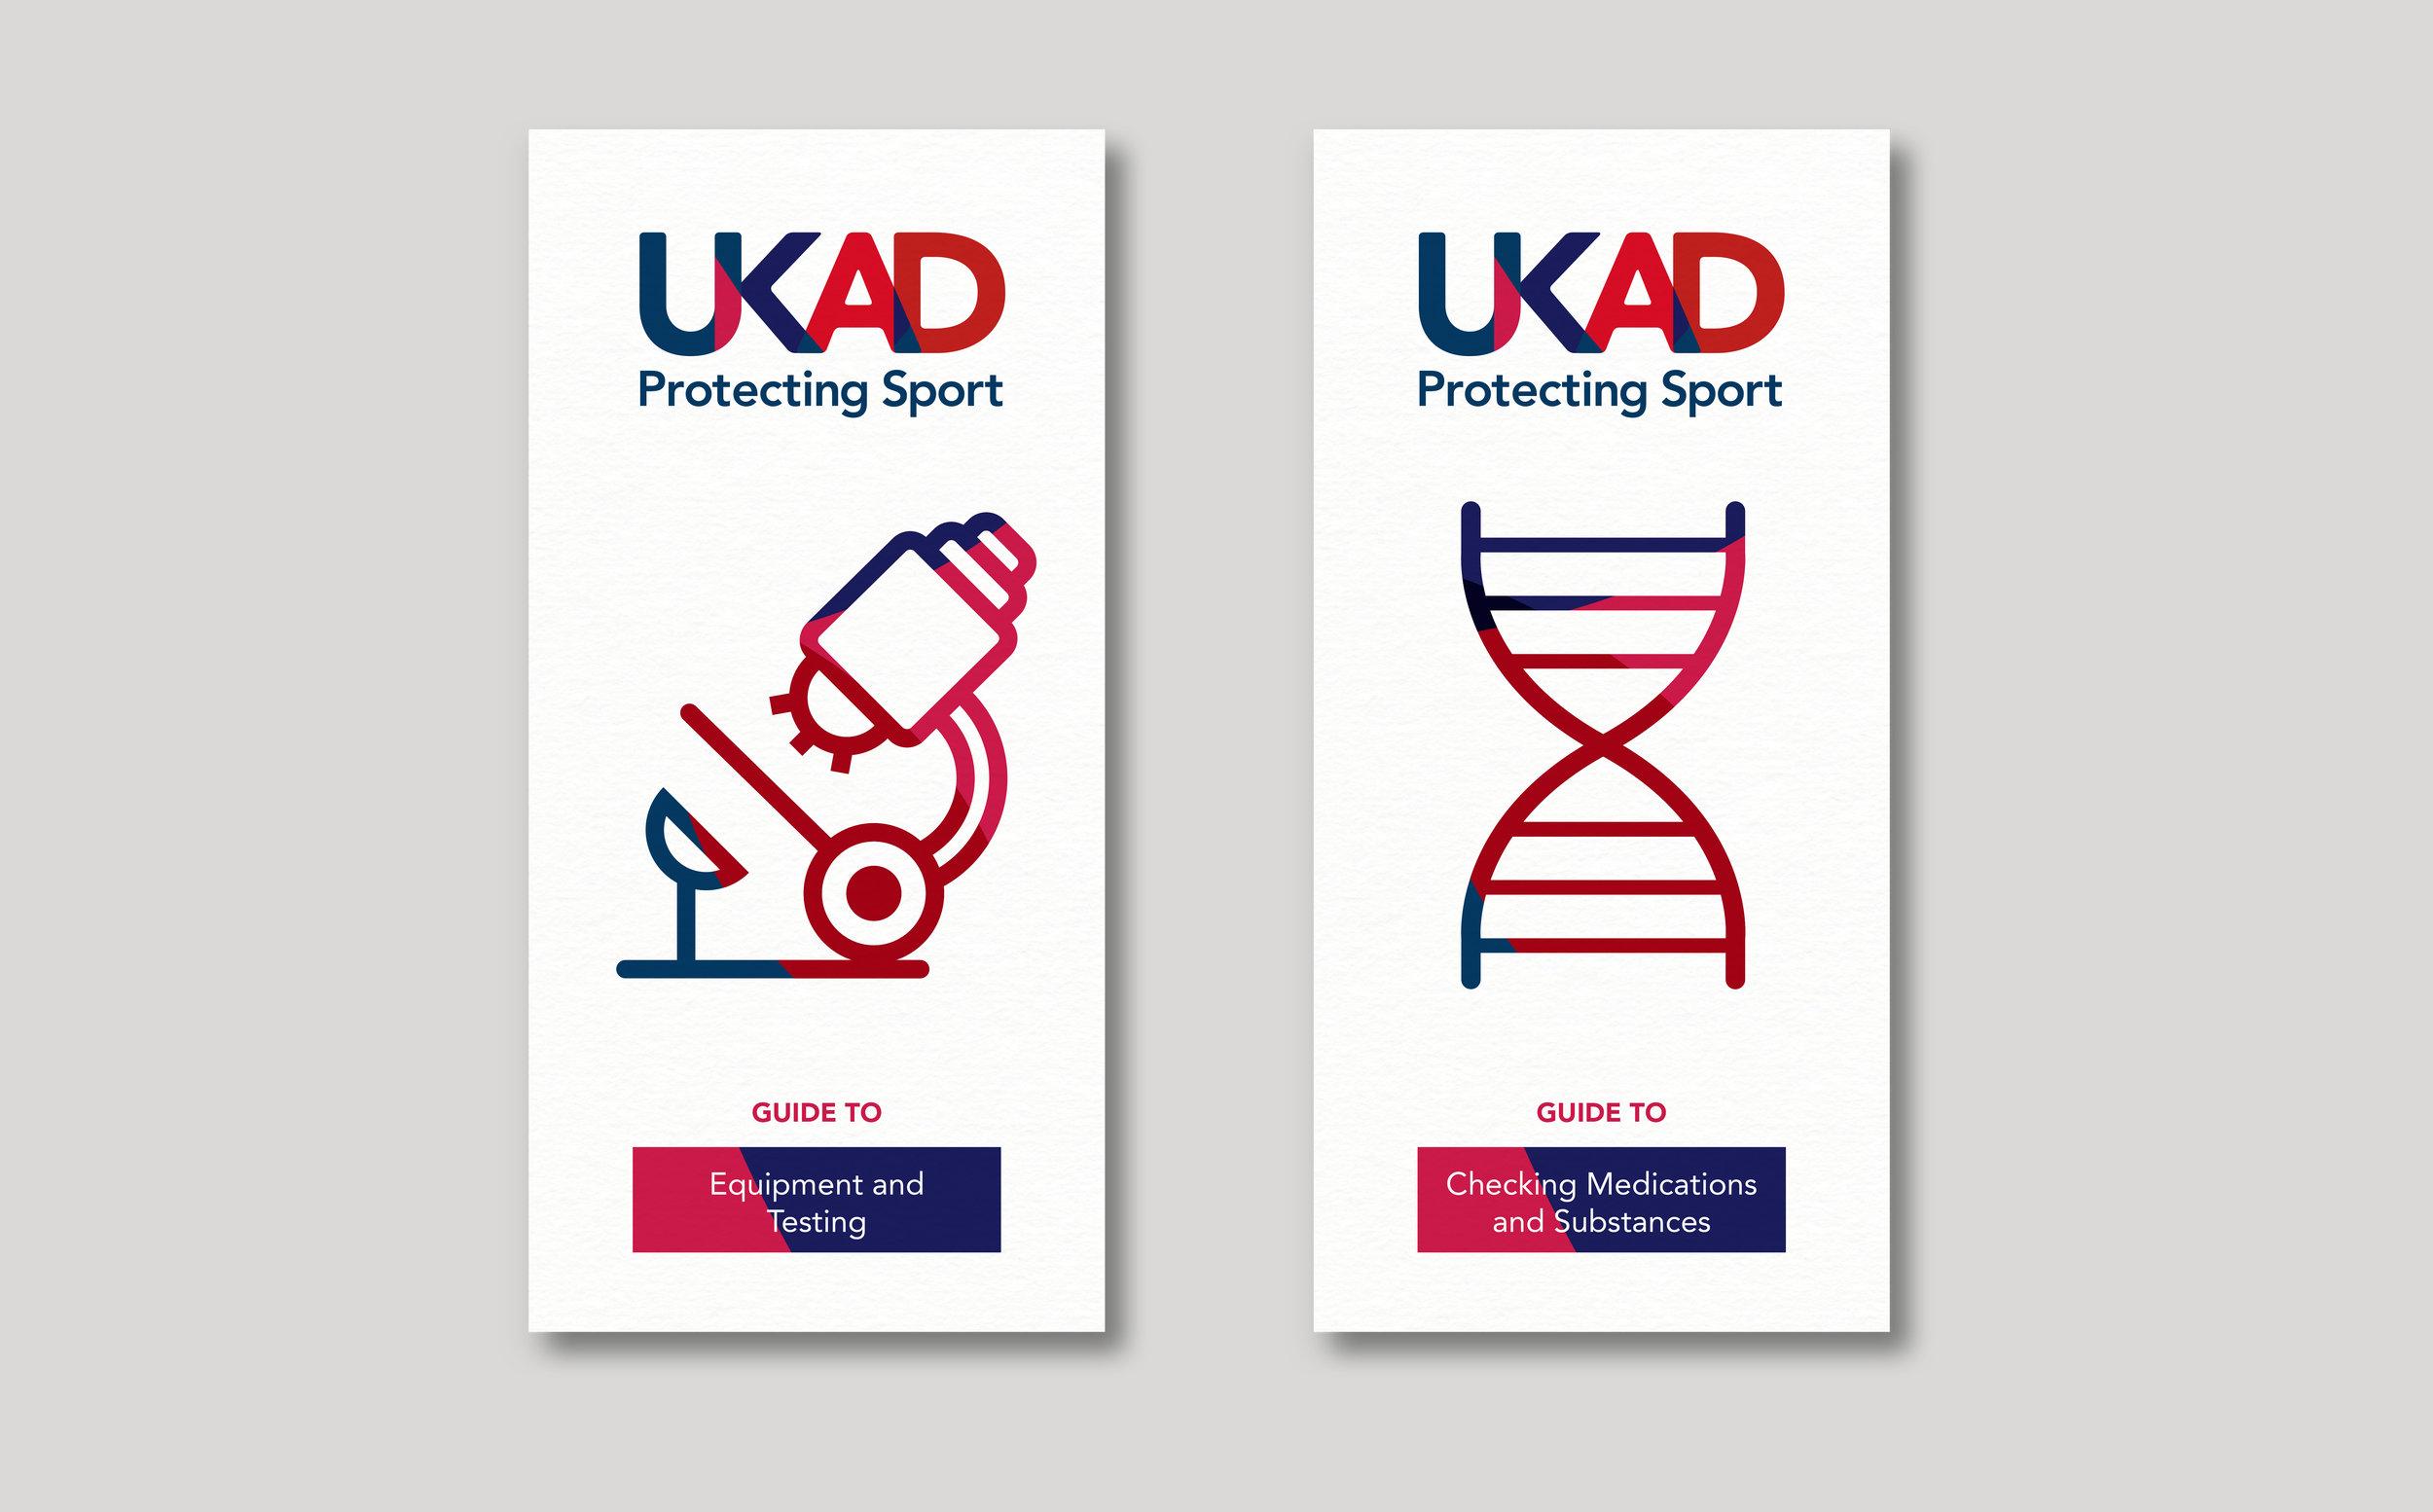 UKAD guidelines.jpg